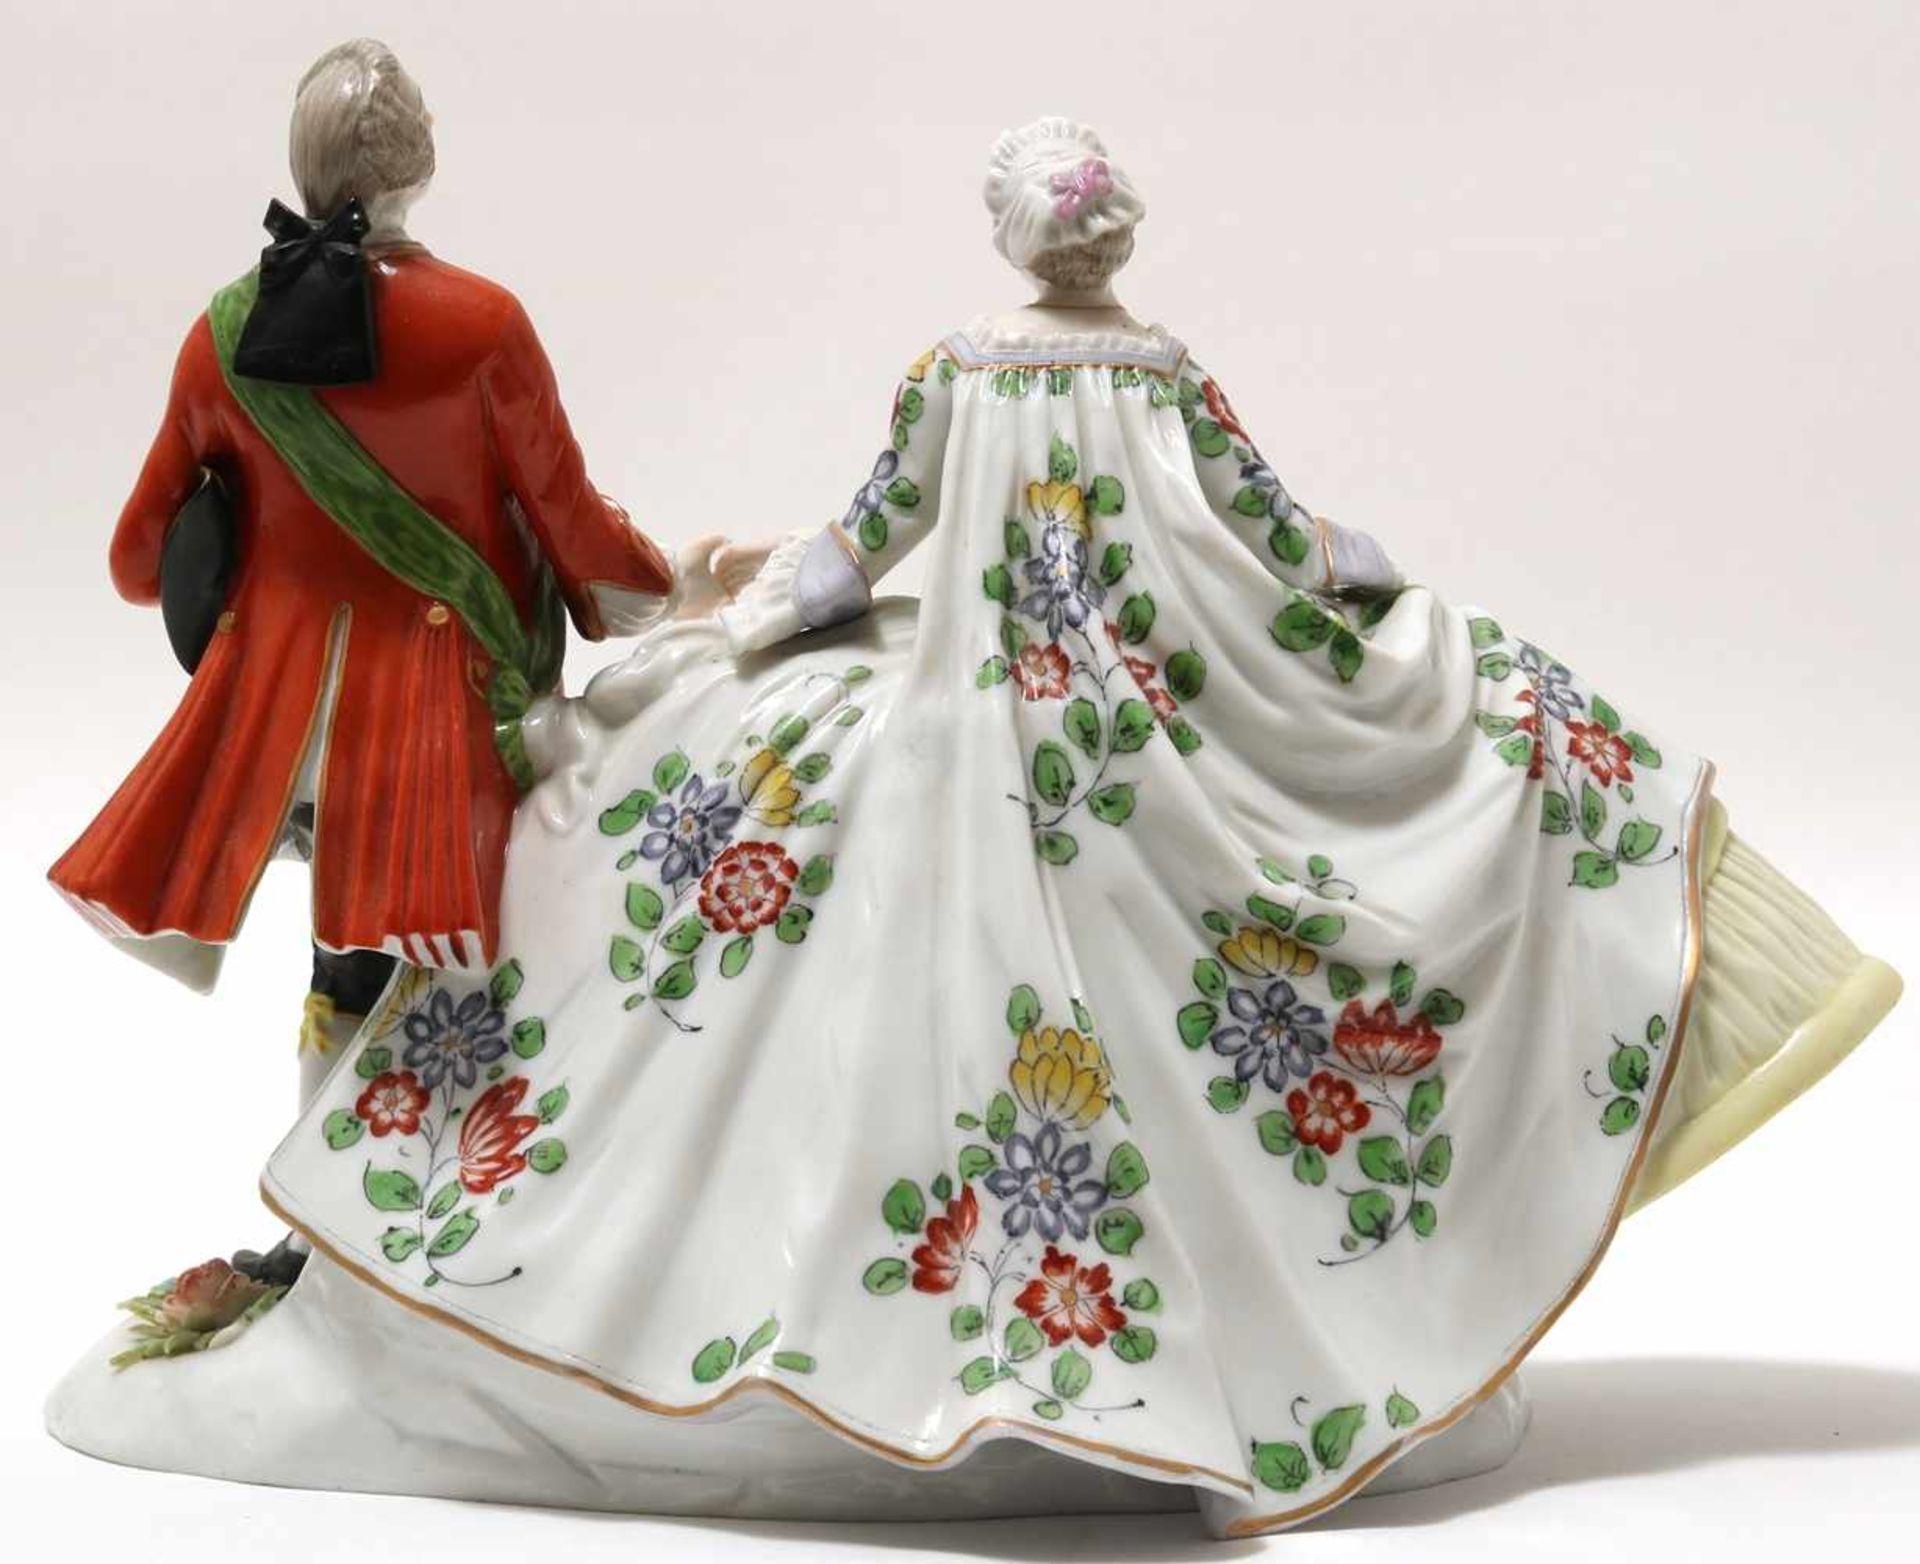 FigurengruppeFrankenthal 18. Jh. Kavalier mit Dame im Krinolinenrock. Porzellan mit aufbossierten - Bild 4 aus 10